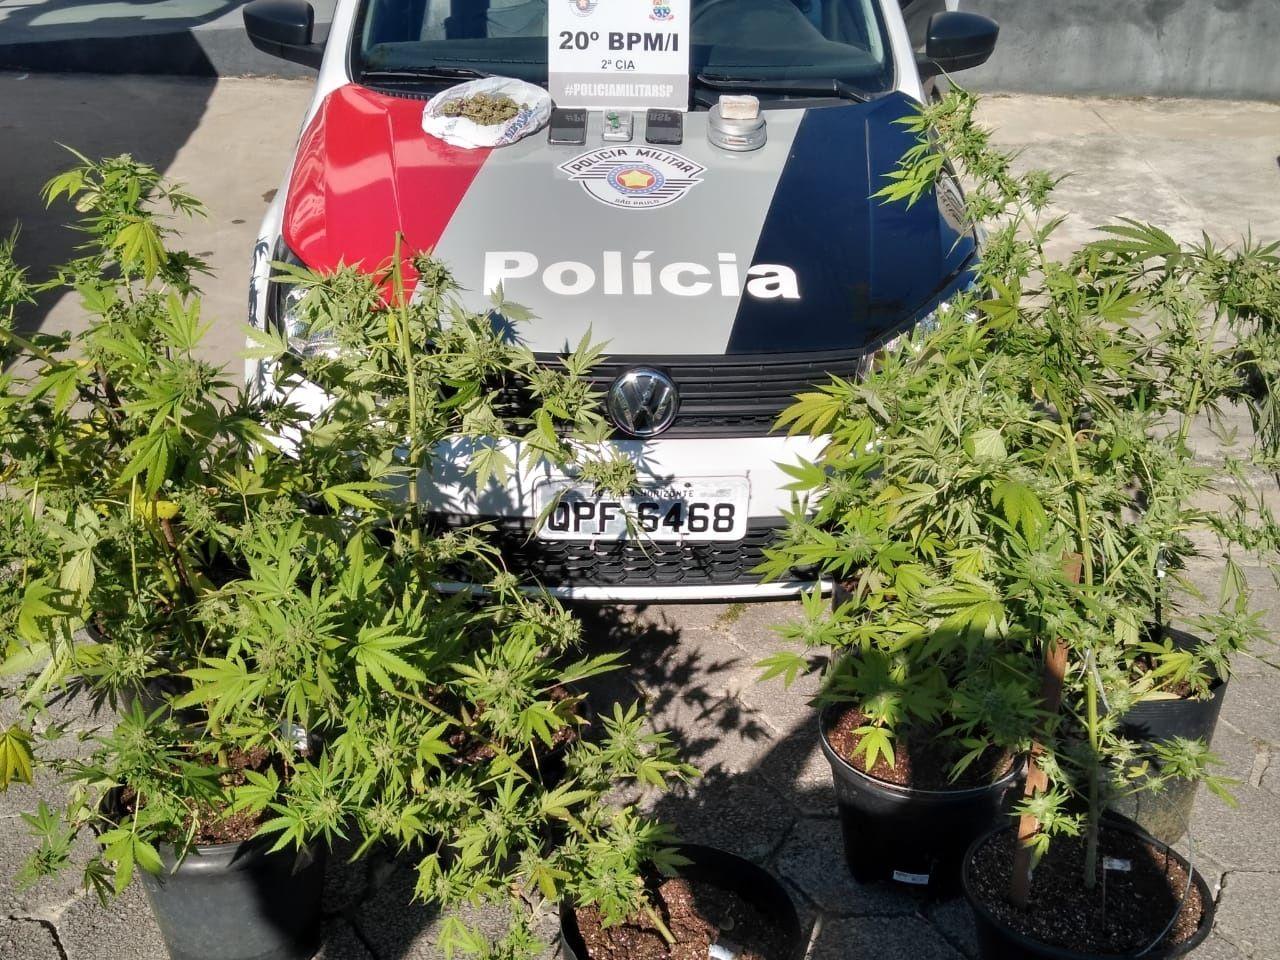 Plantação de Maconha é flagrada pela Polícia Militar em Caraguatatuba